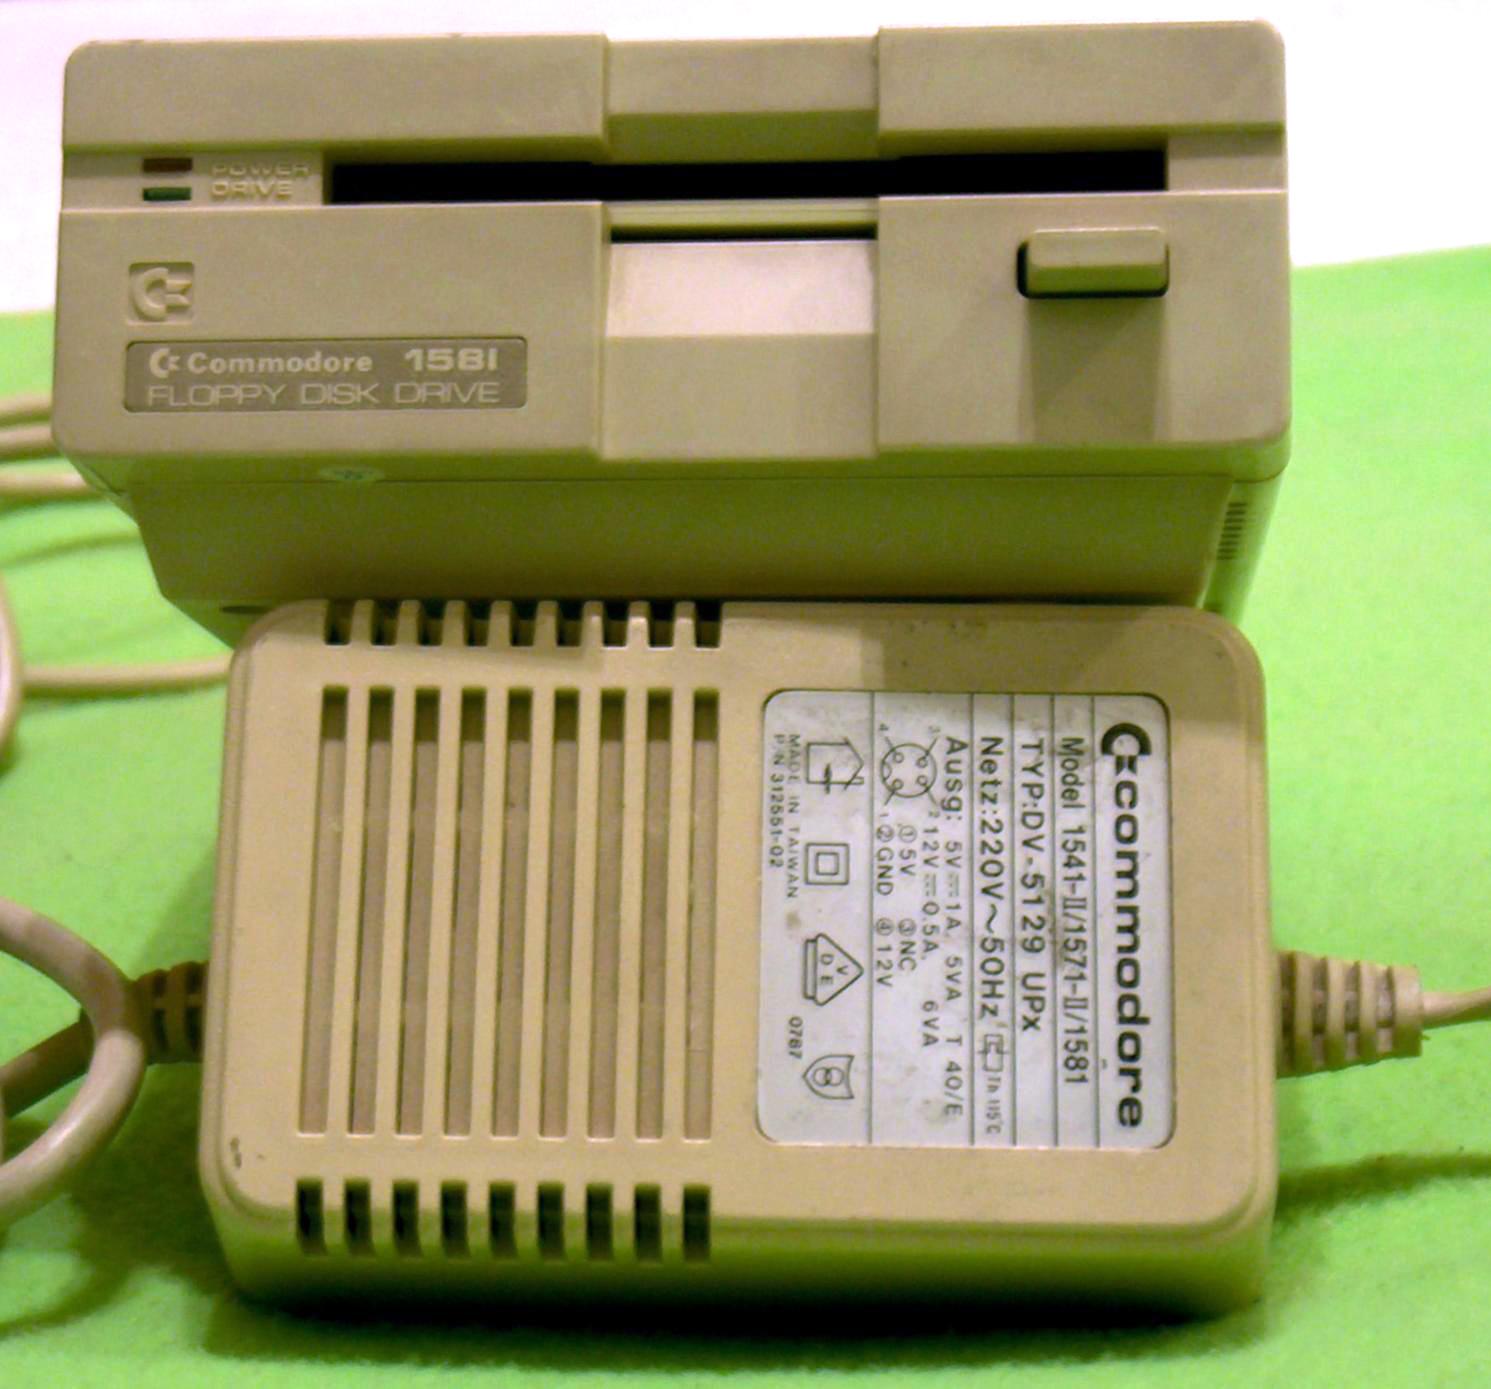 Commodore 1581 Wikipedia